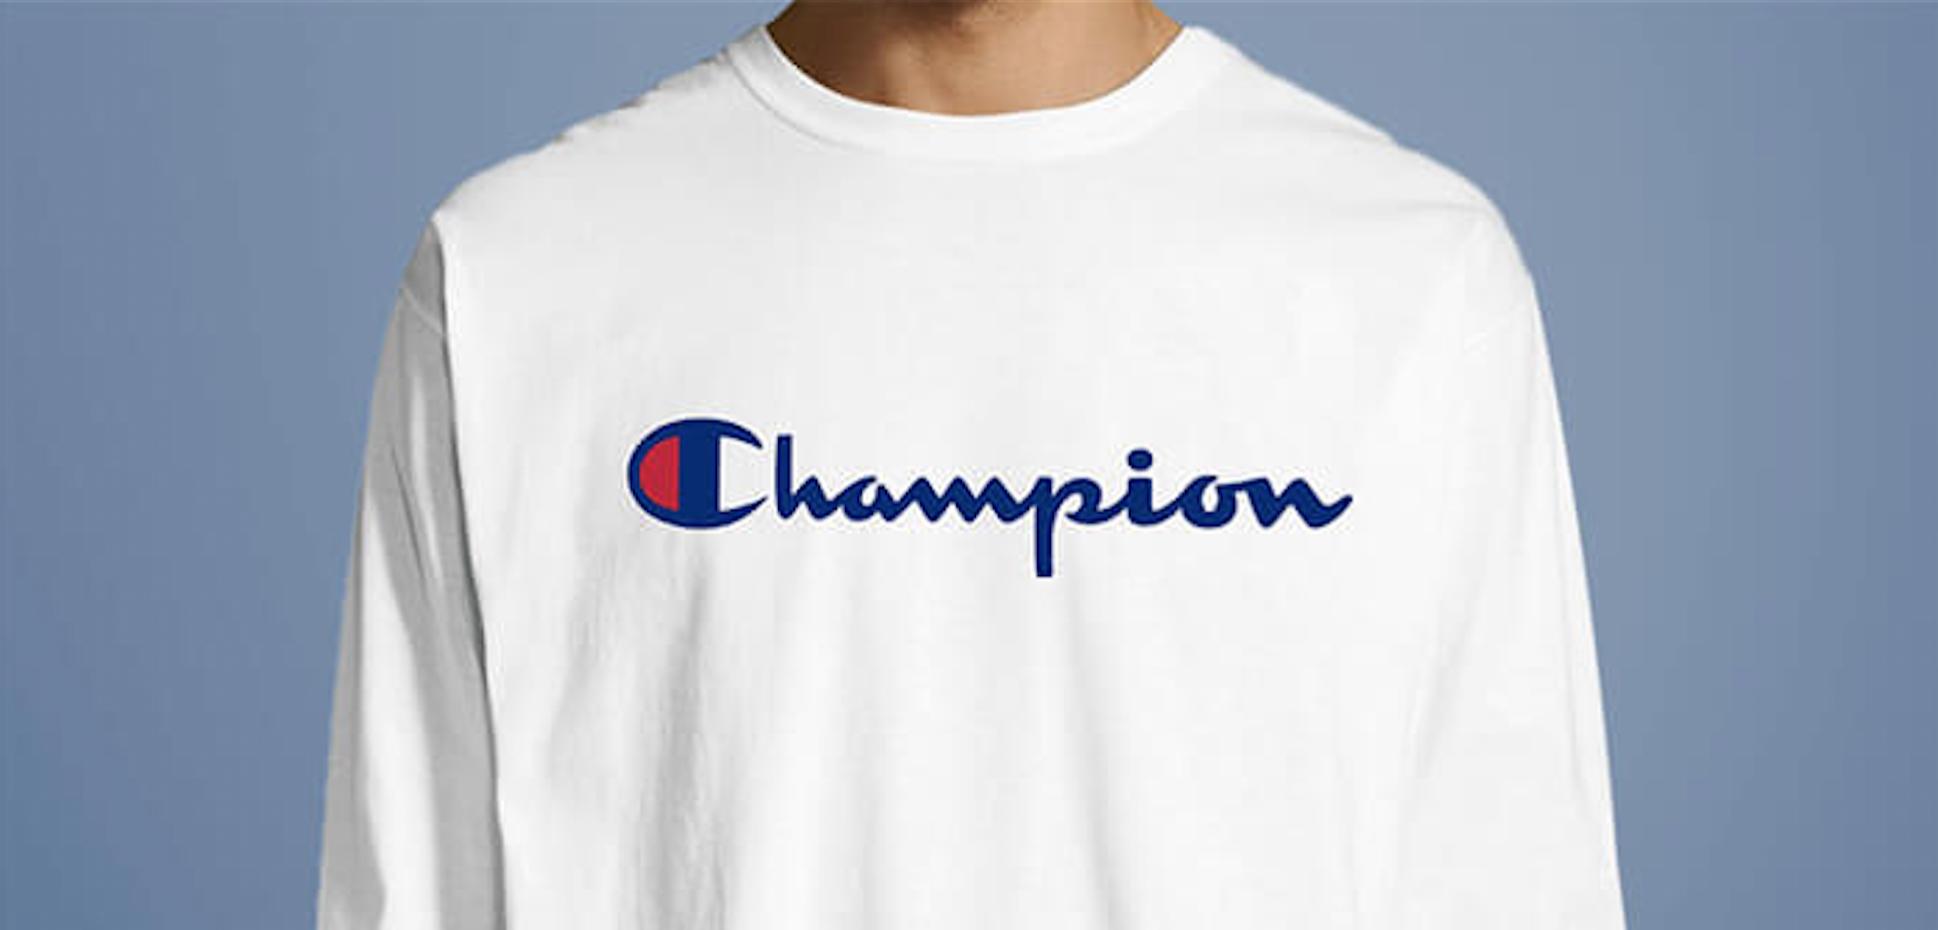 image: Champion